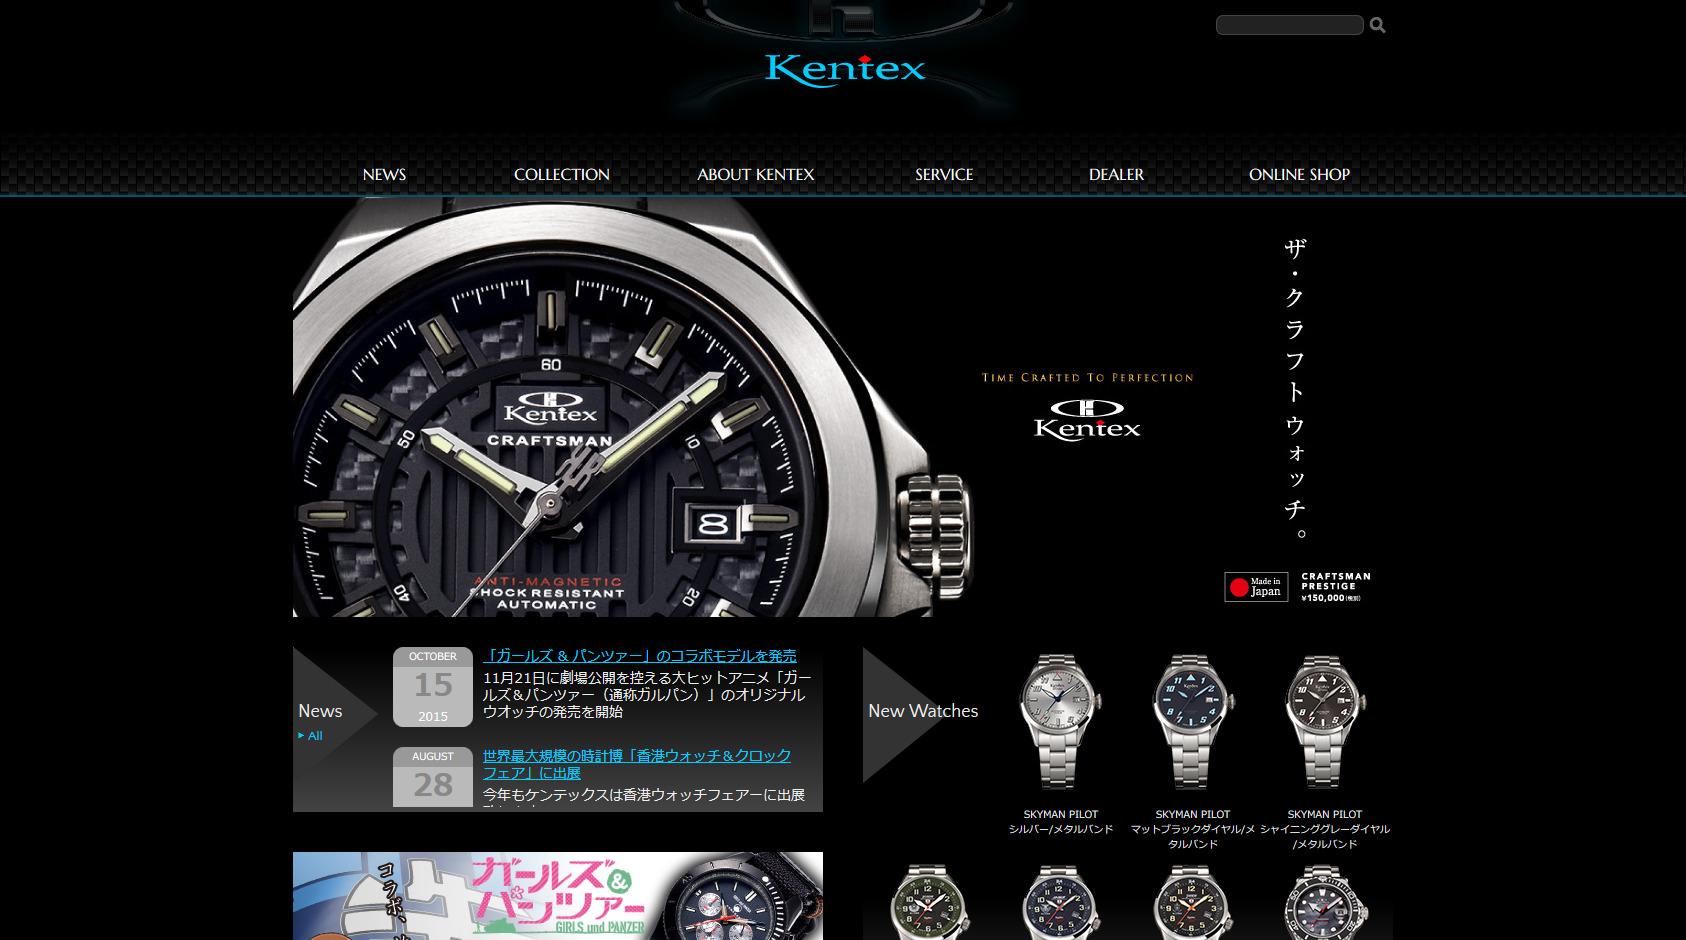 ケンテックスジャパン公式ホームページの画像です。